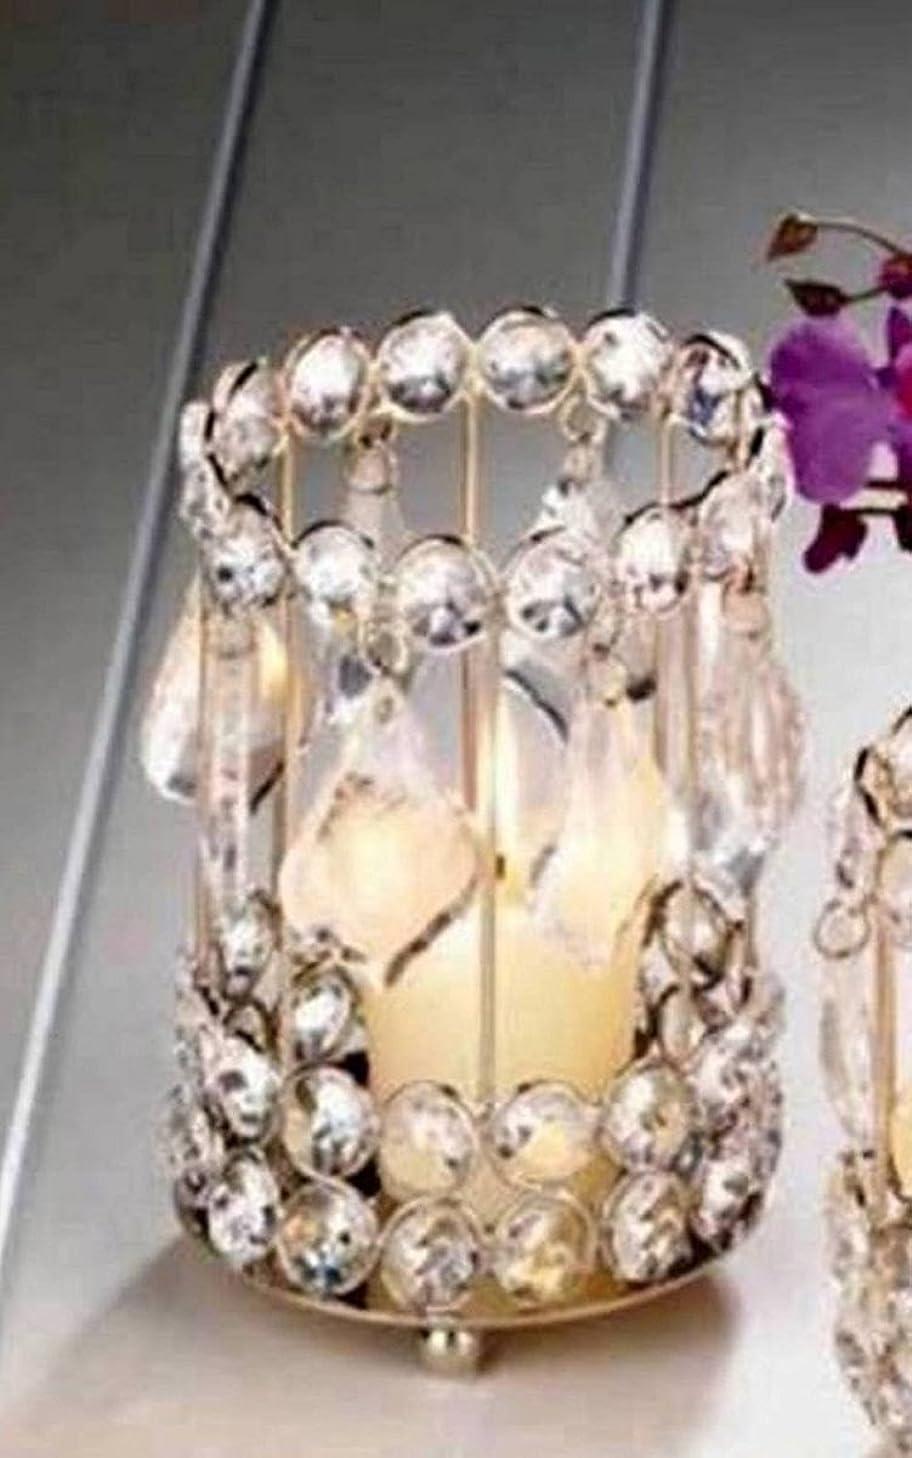 契約する外観改修SWM 10018137 5.25 in. Super Bling Crystal Drops Candle Holder